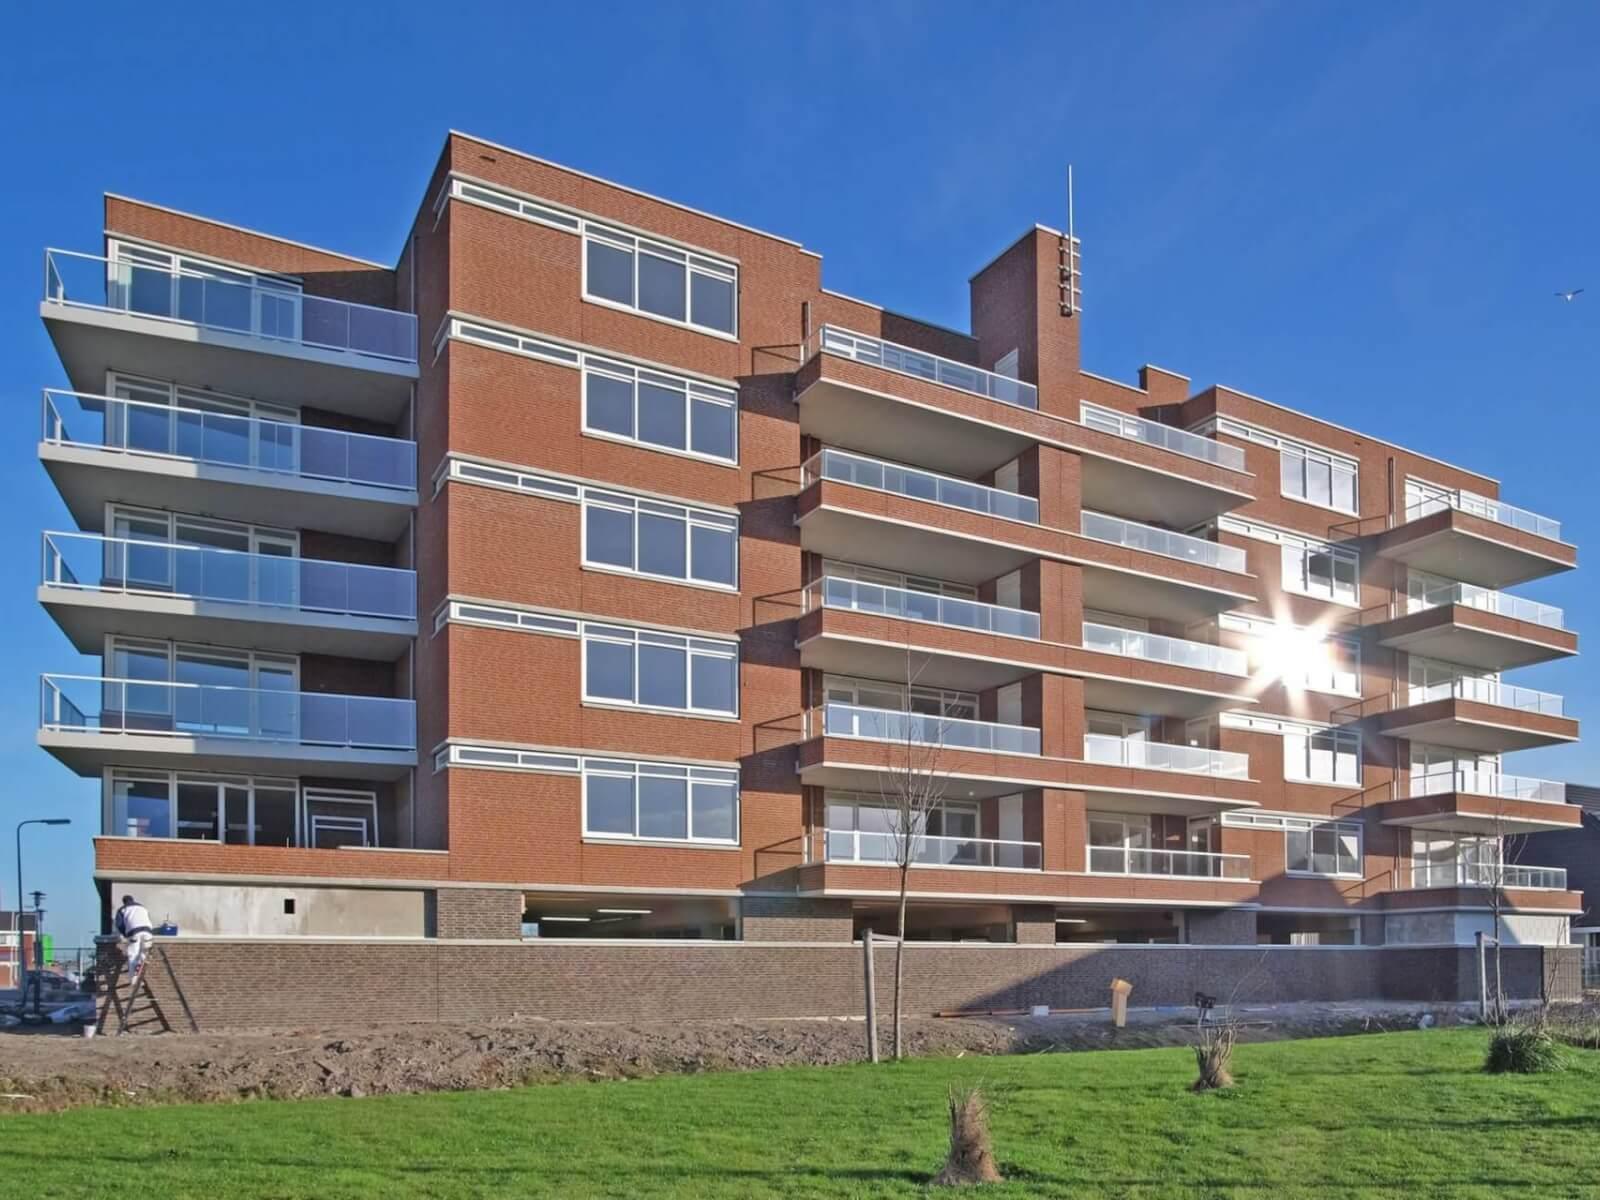 F. Tuinveld appartementen Wubben.Chan Architecten B